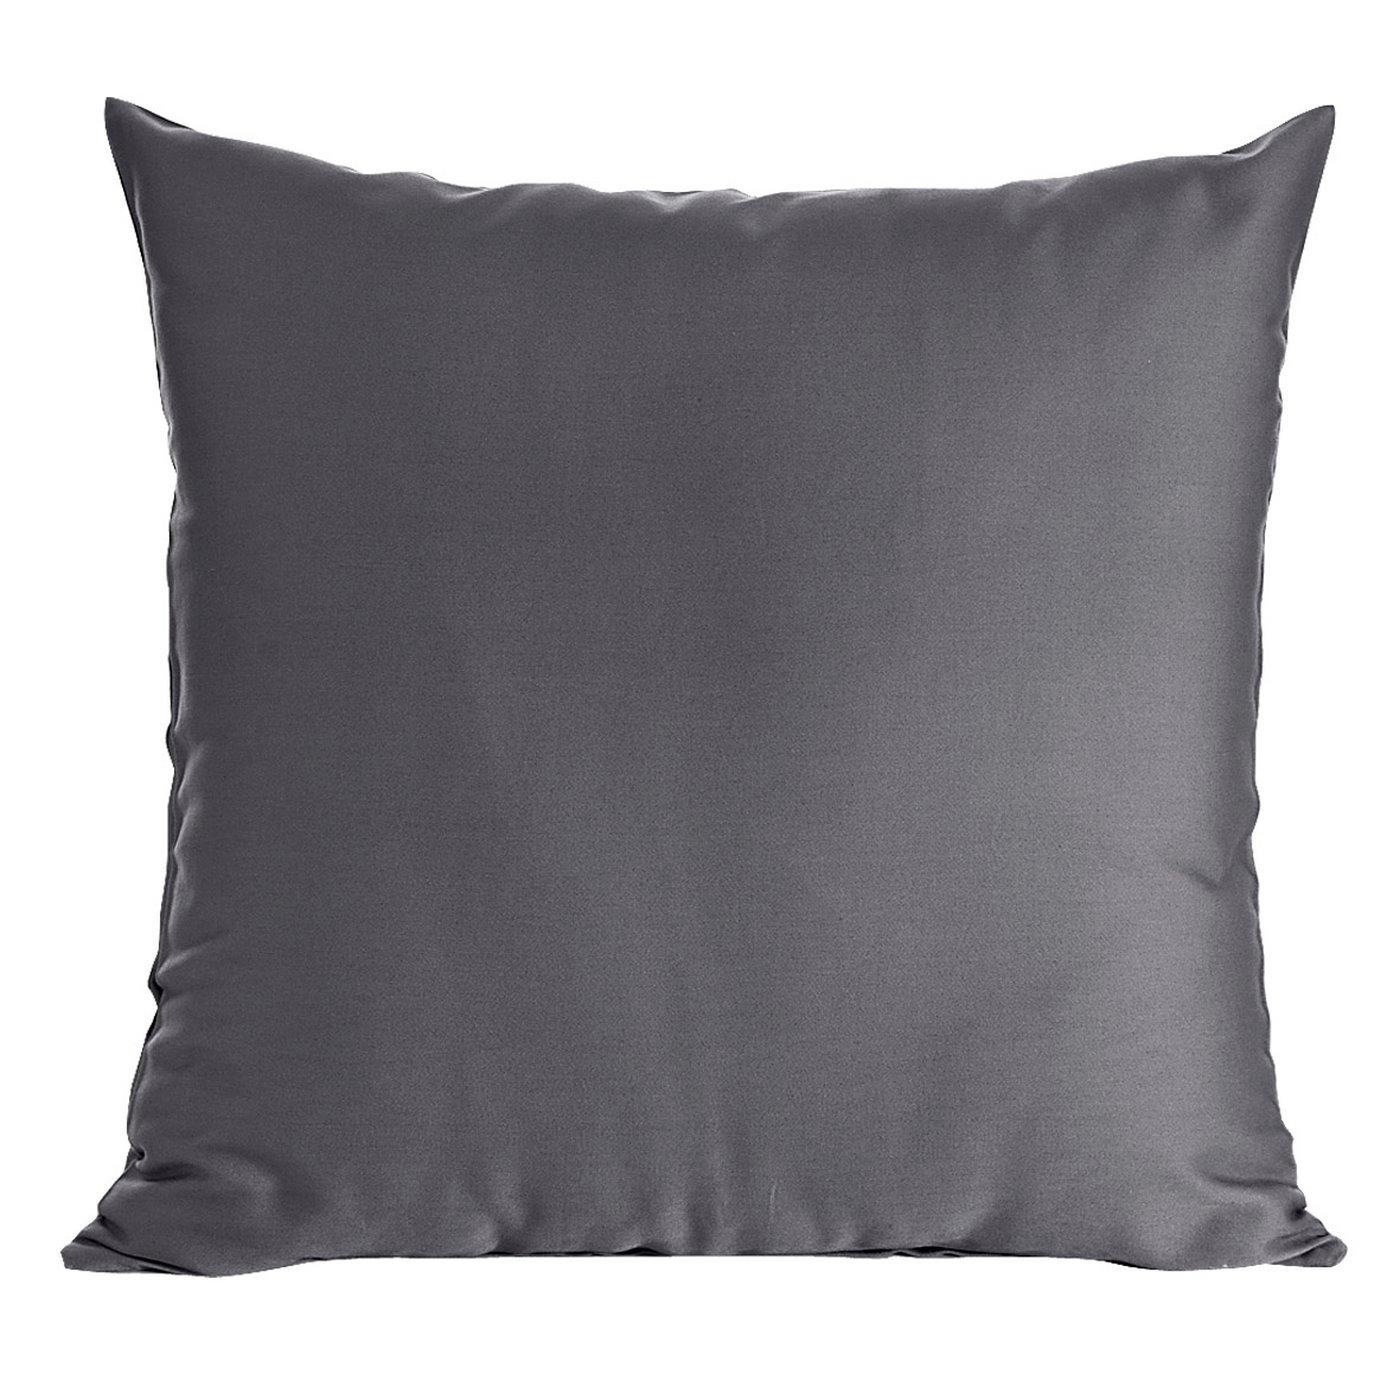 Poszewka na poduszkę stalowa gładka 40 x 40 cm